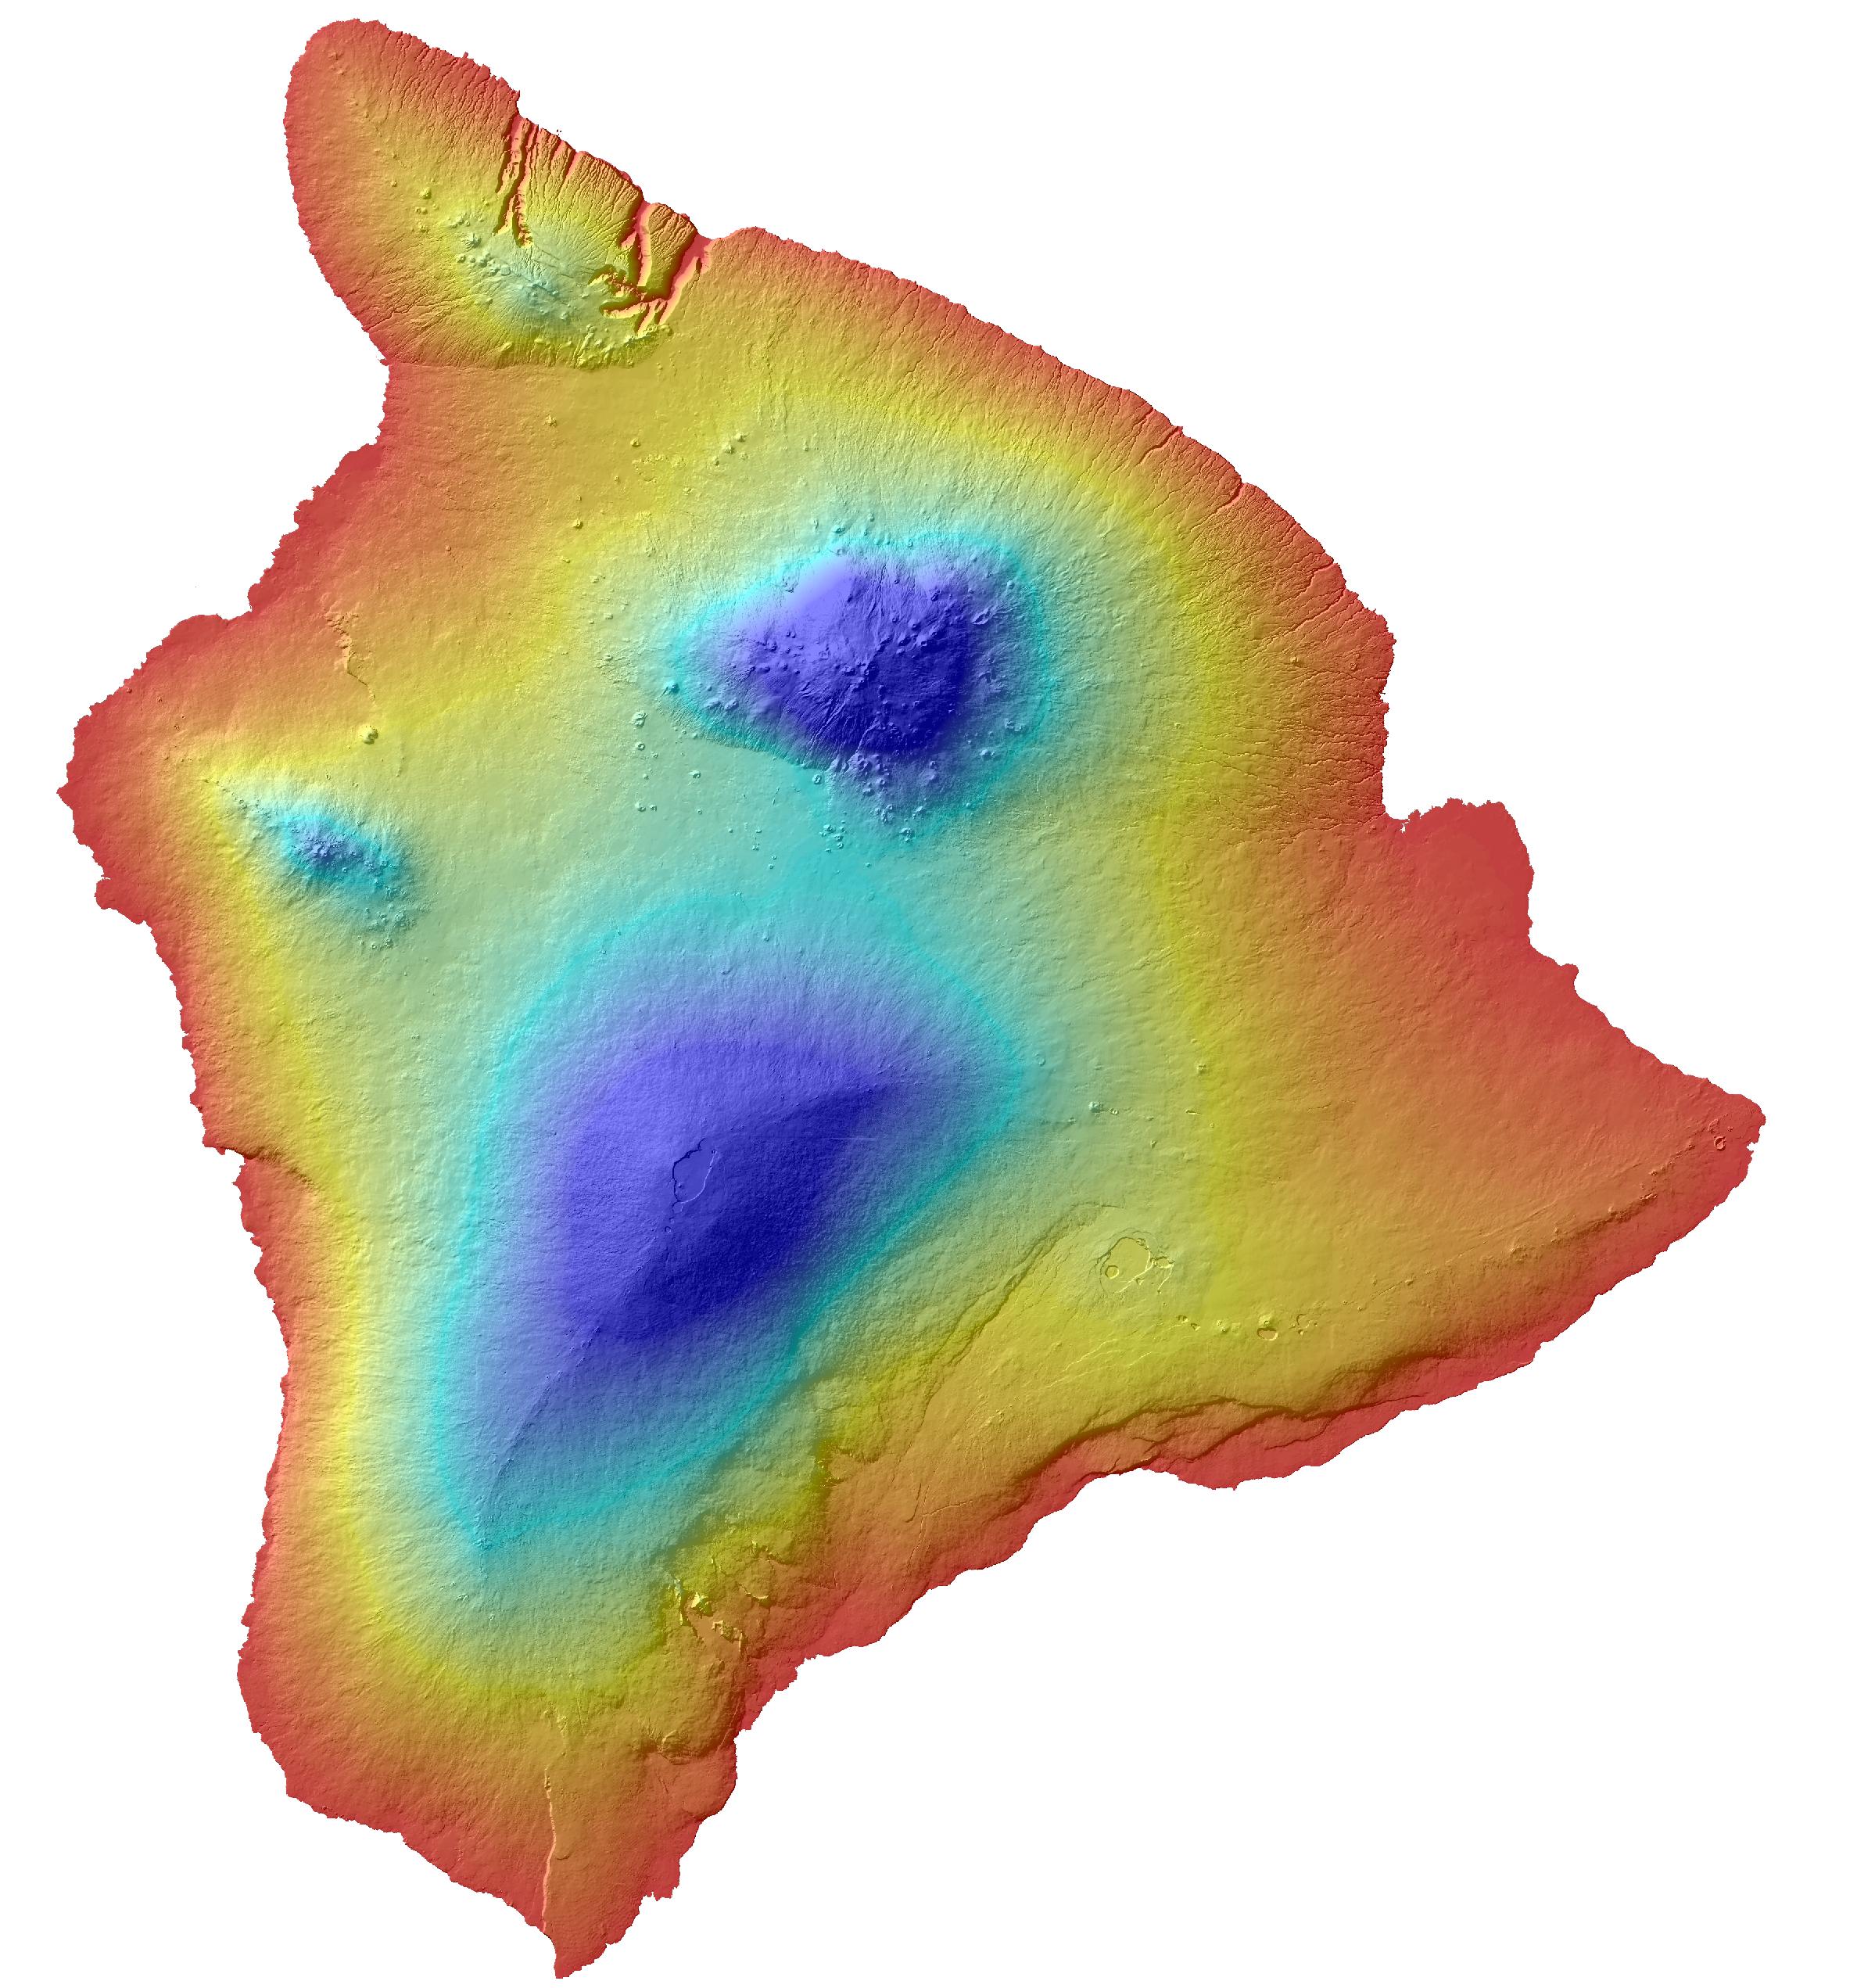 10 Meter Hawaiian Data